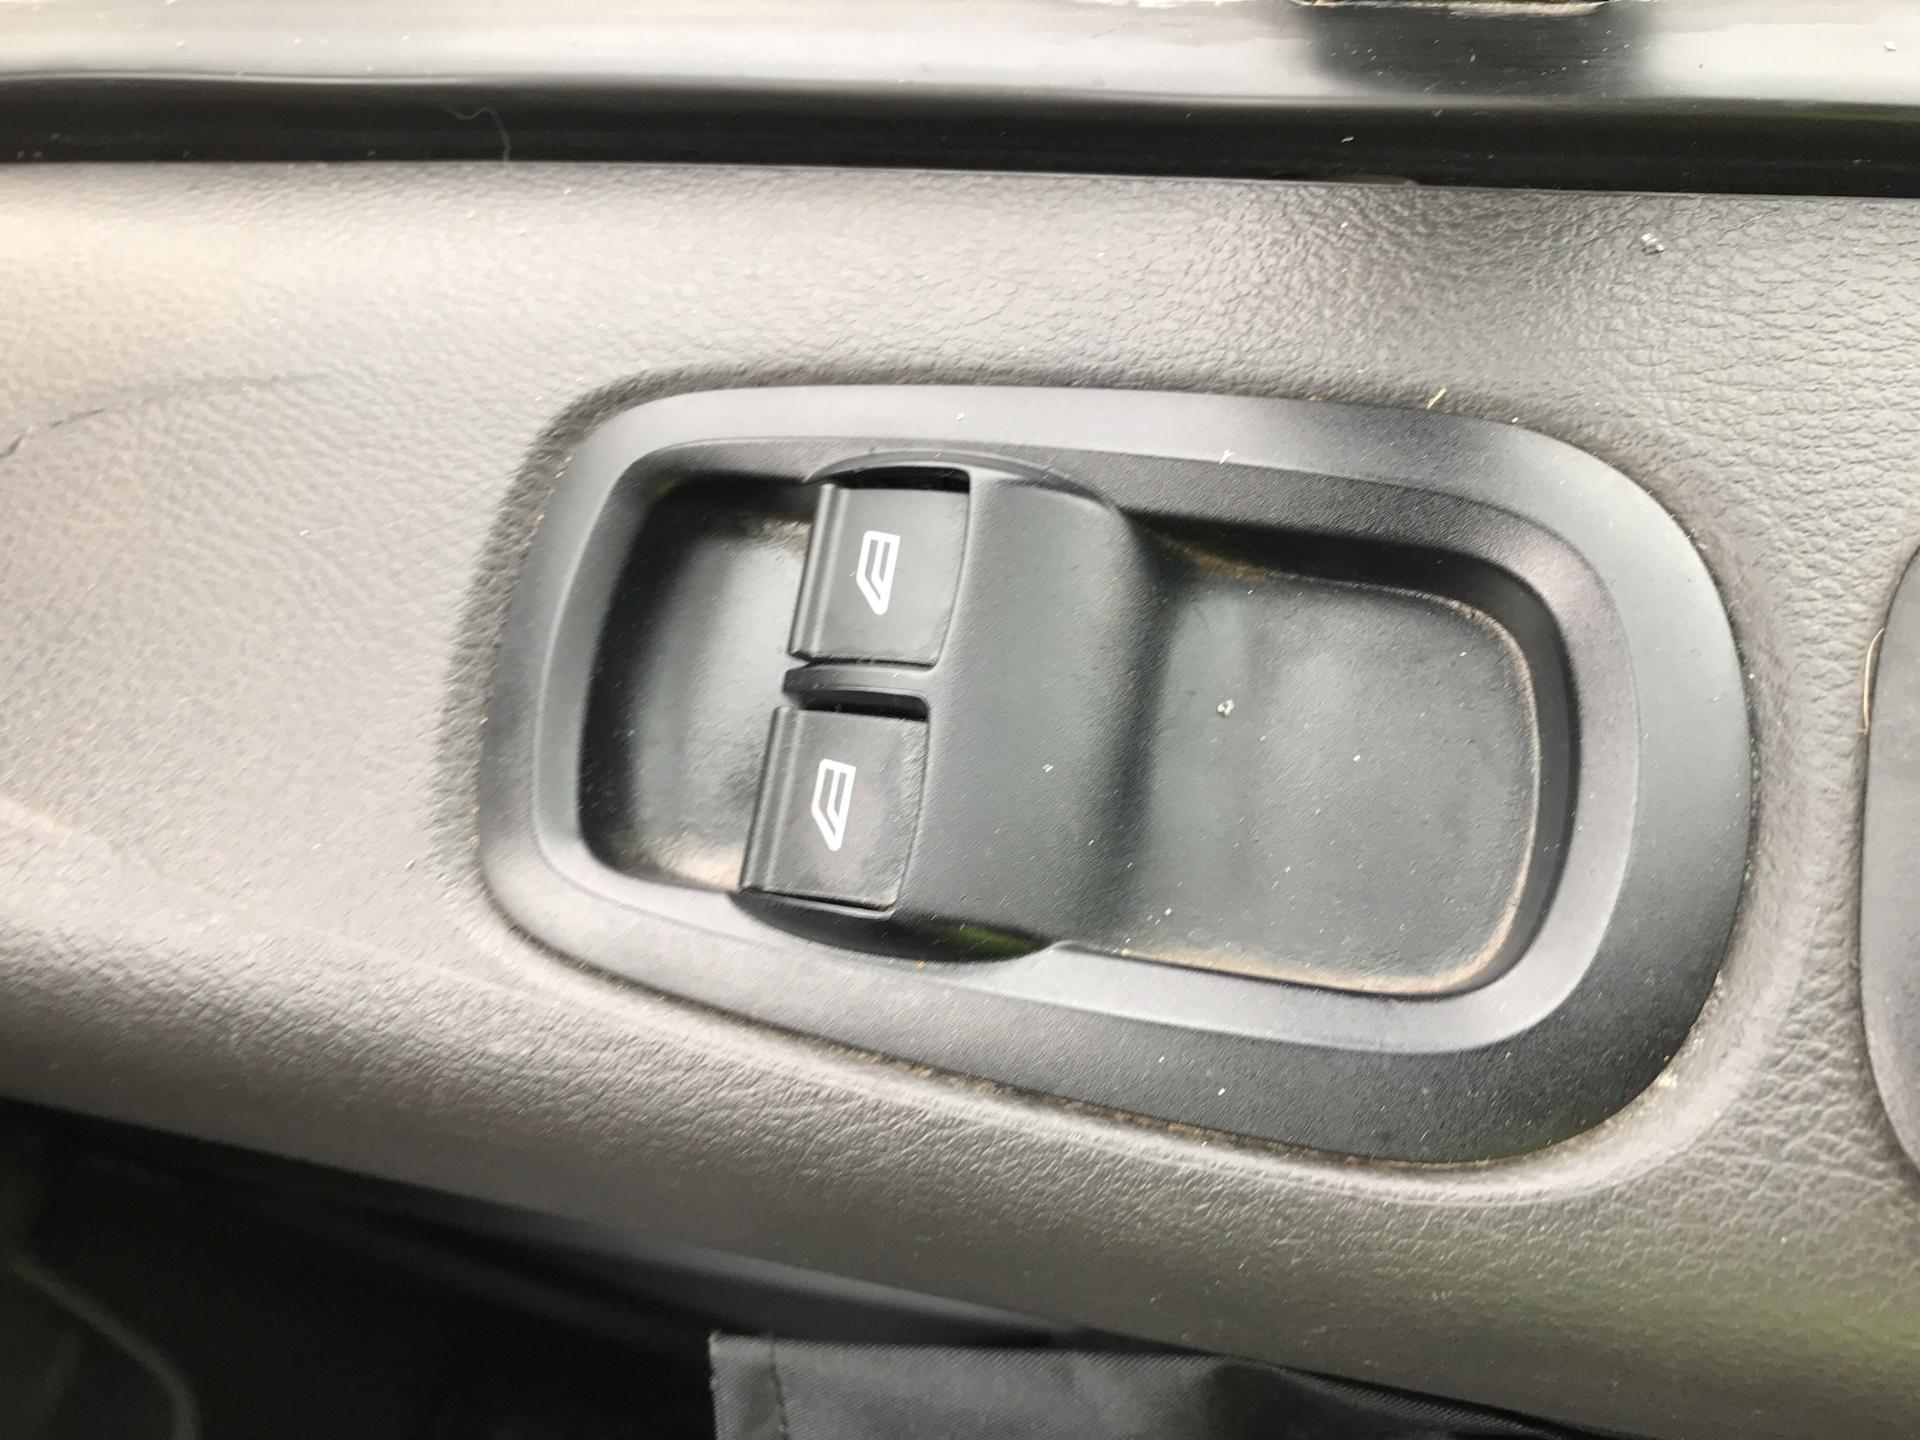 2017 Ford Transit Custom 290 L1 DIESEL FWD 2.0 TDCI 105PS LOW ROOF VAN EURO 6 (FL17VMF) Image 15